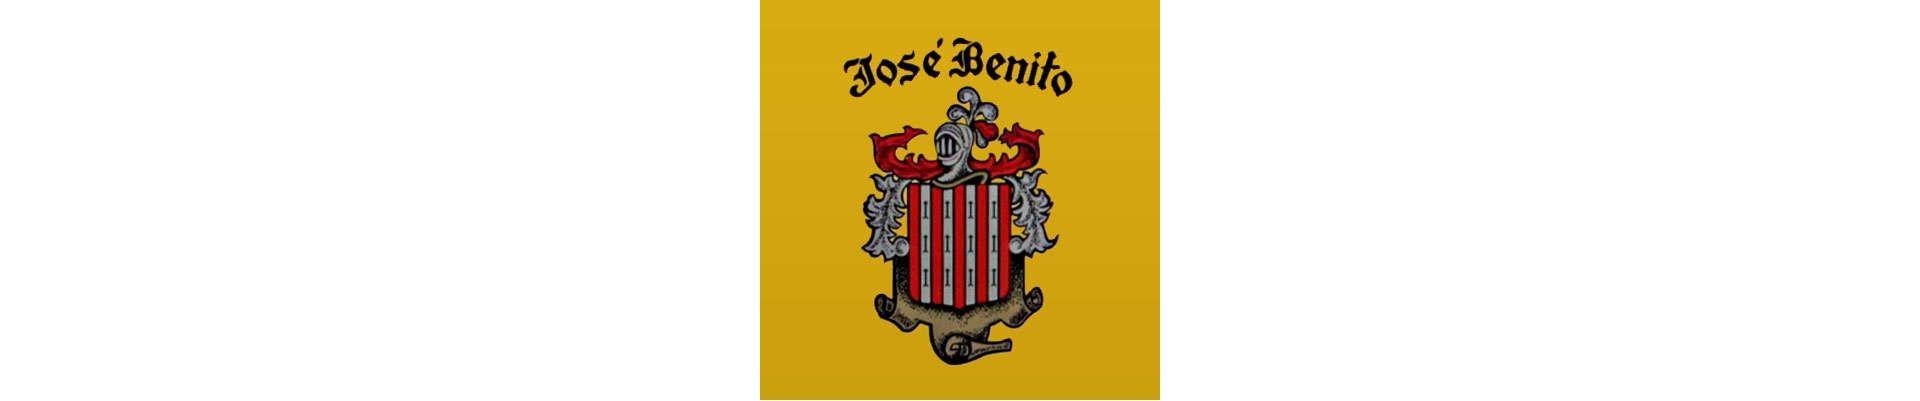 Magazin online tigari de foi Jose Benito.Cigarillos Jose Benito tigari de foi